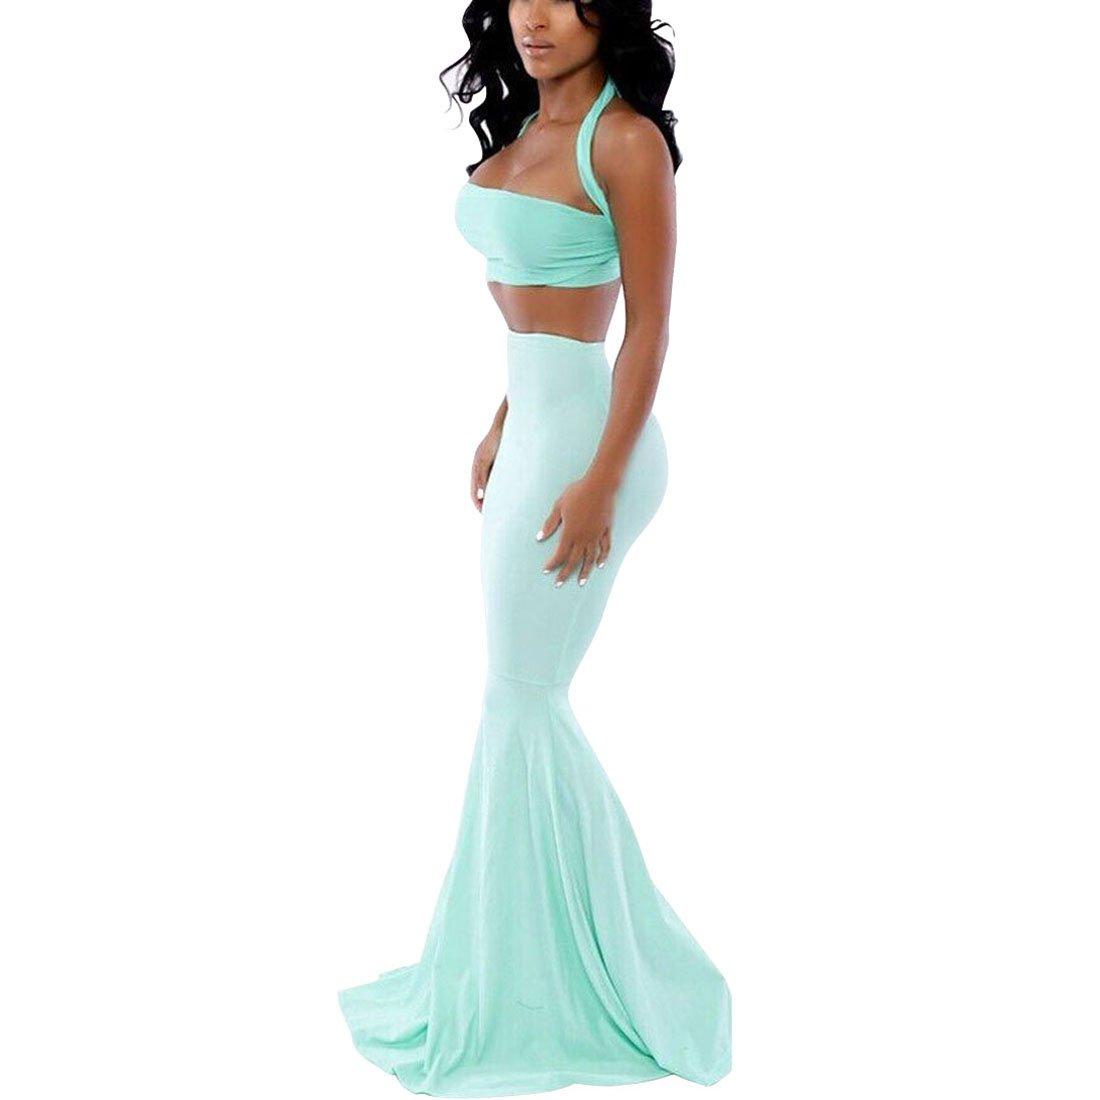 Women Halter Crop Top with Mermaid Maxi Skirt,mint green,S,OP53994